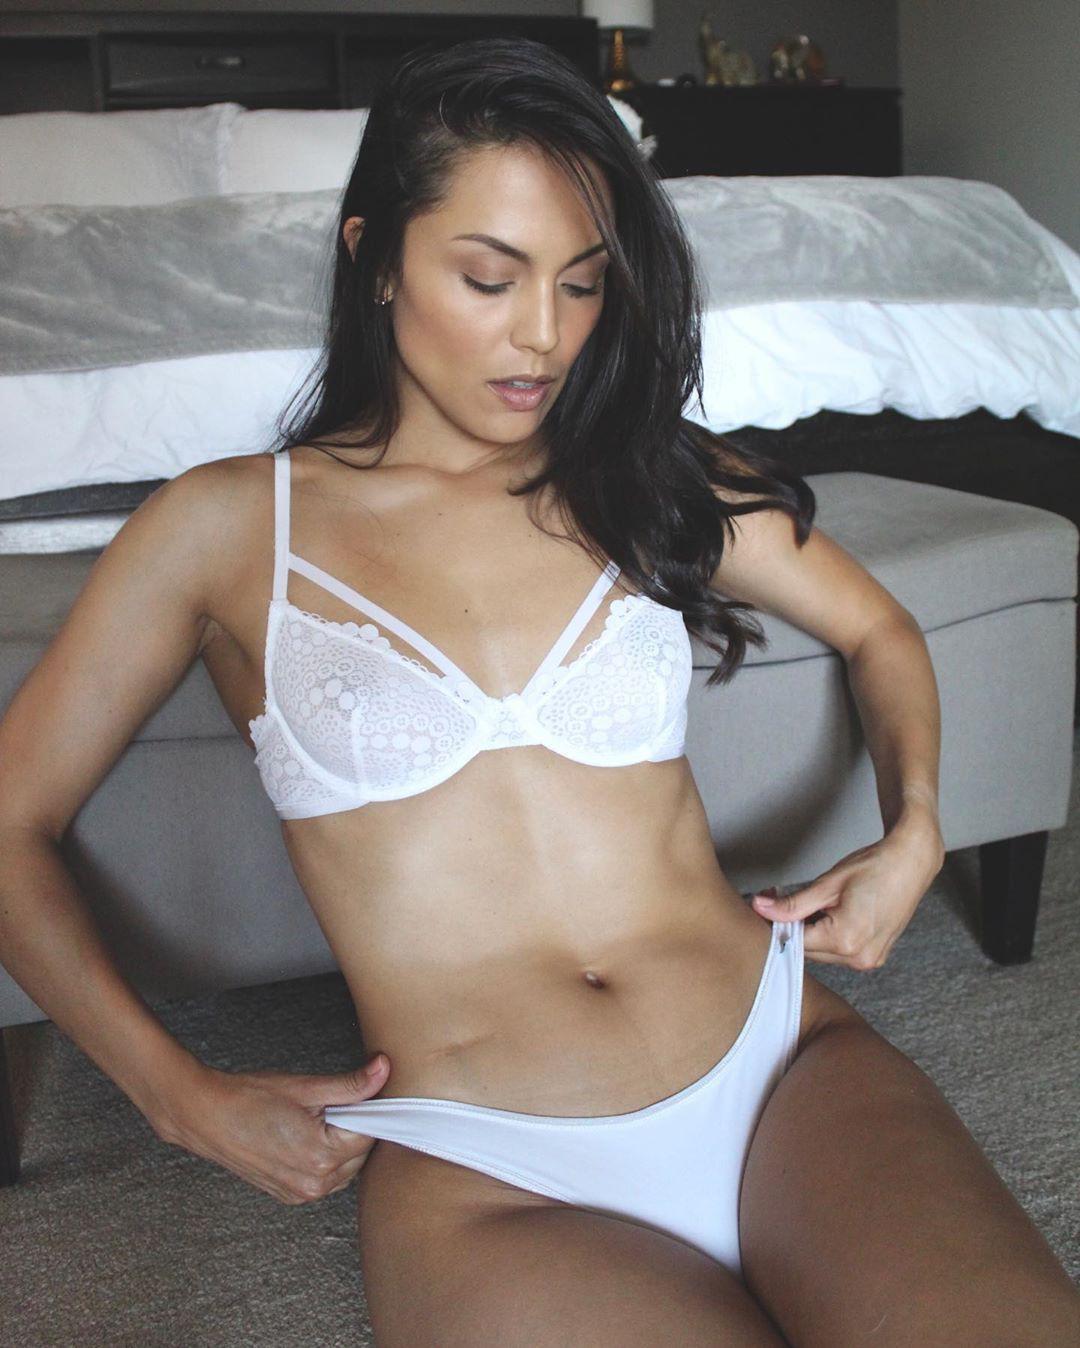 Raquel Pomplun lingerie underpants instagram dress, female thighs